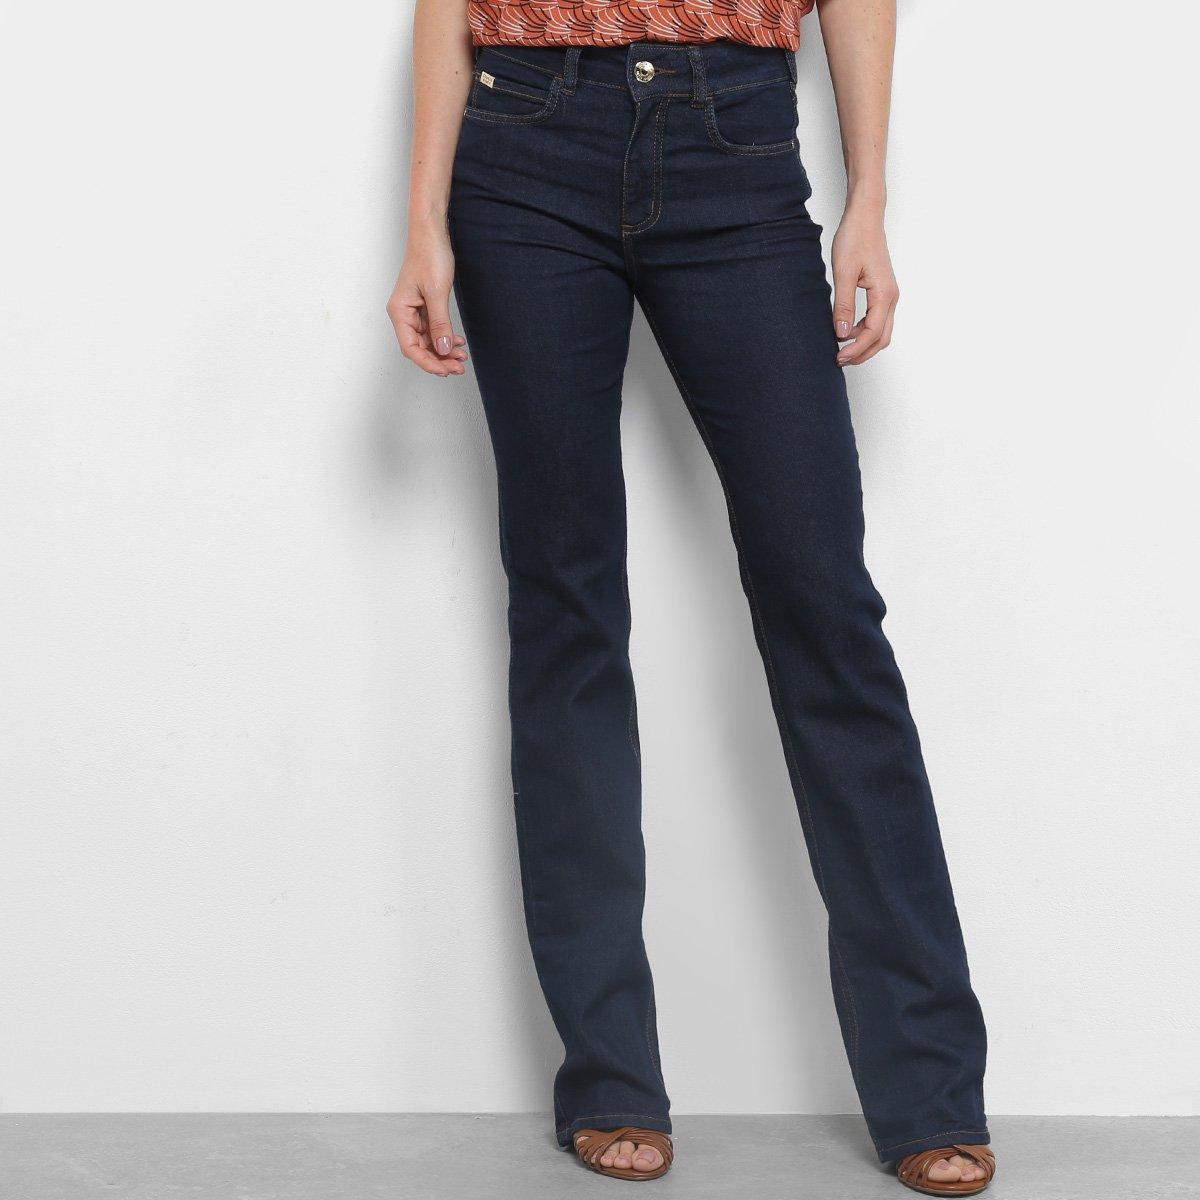 8bb2b866152b4 Calça Jeans Flare Colcci Bia Cintura Alta Feminina - Jeans - Compre ...